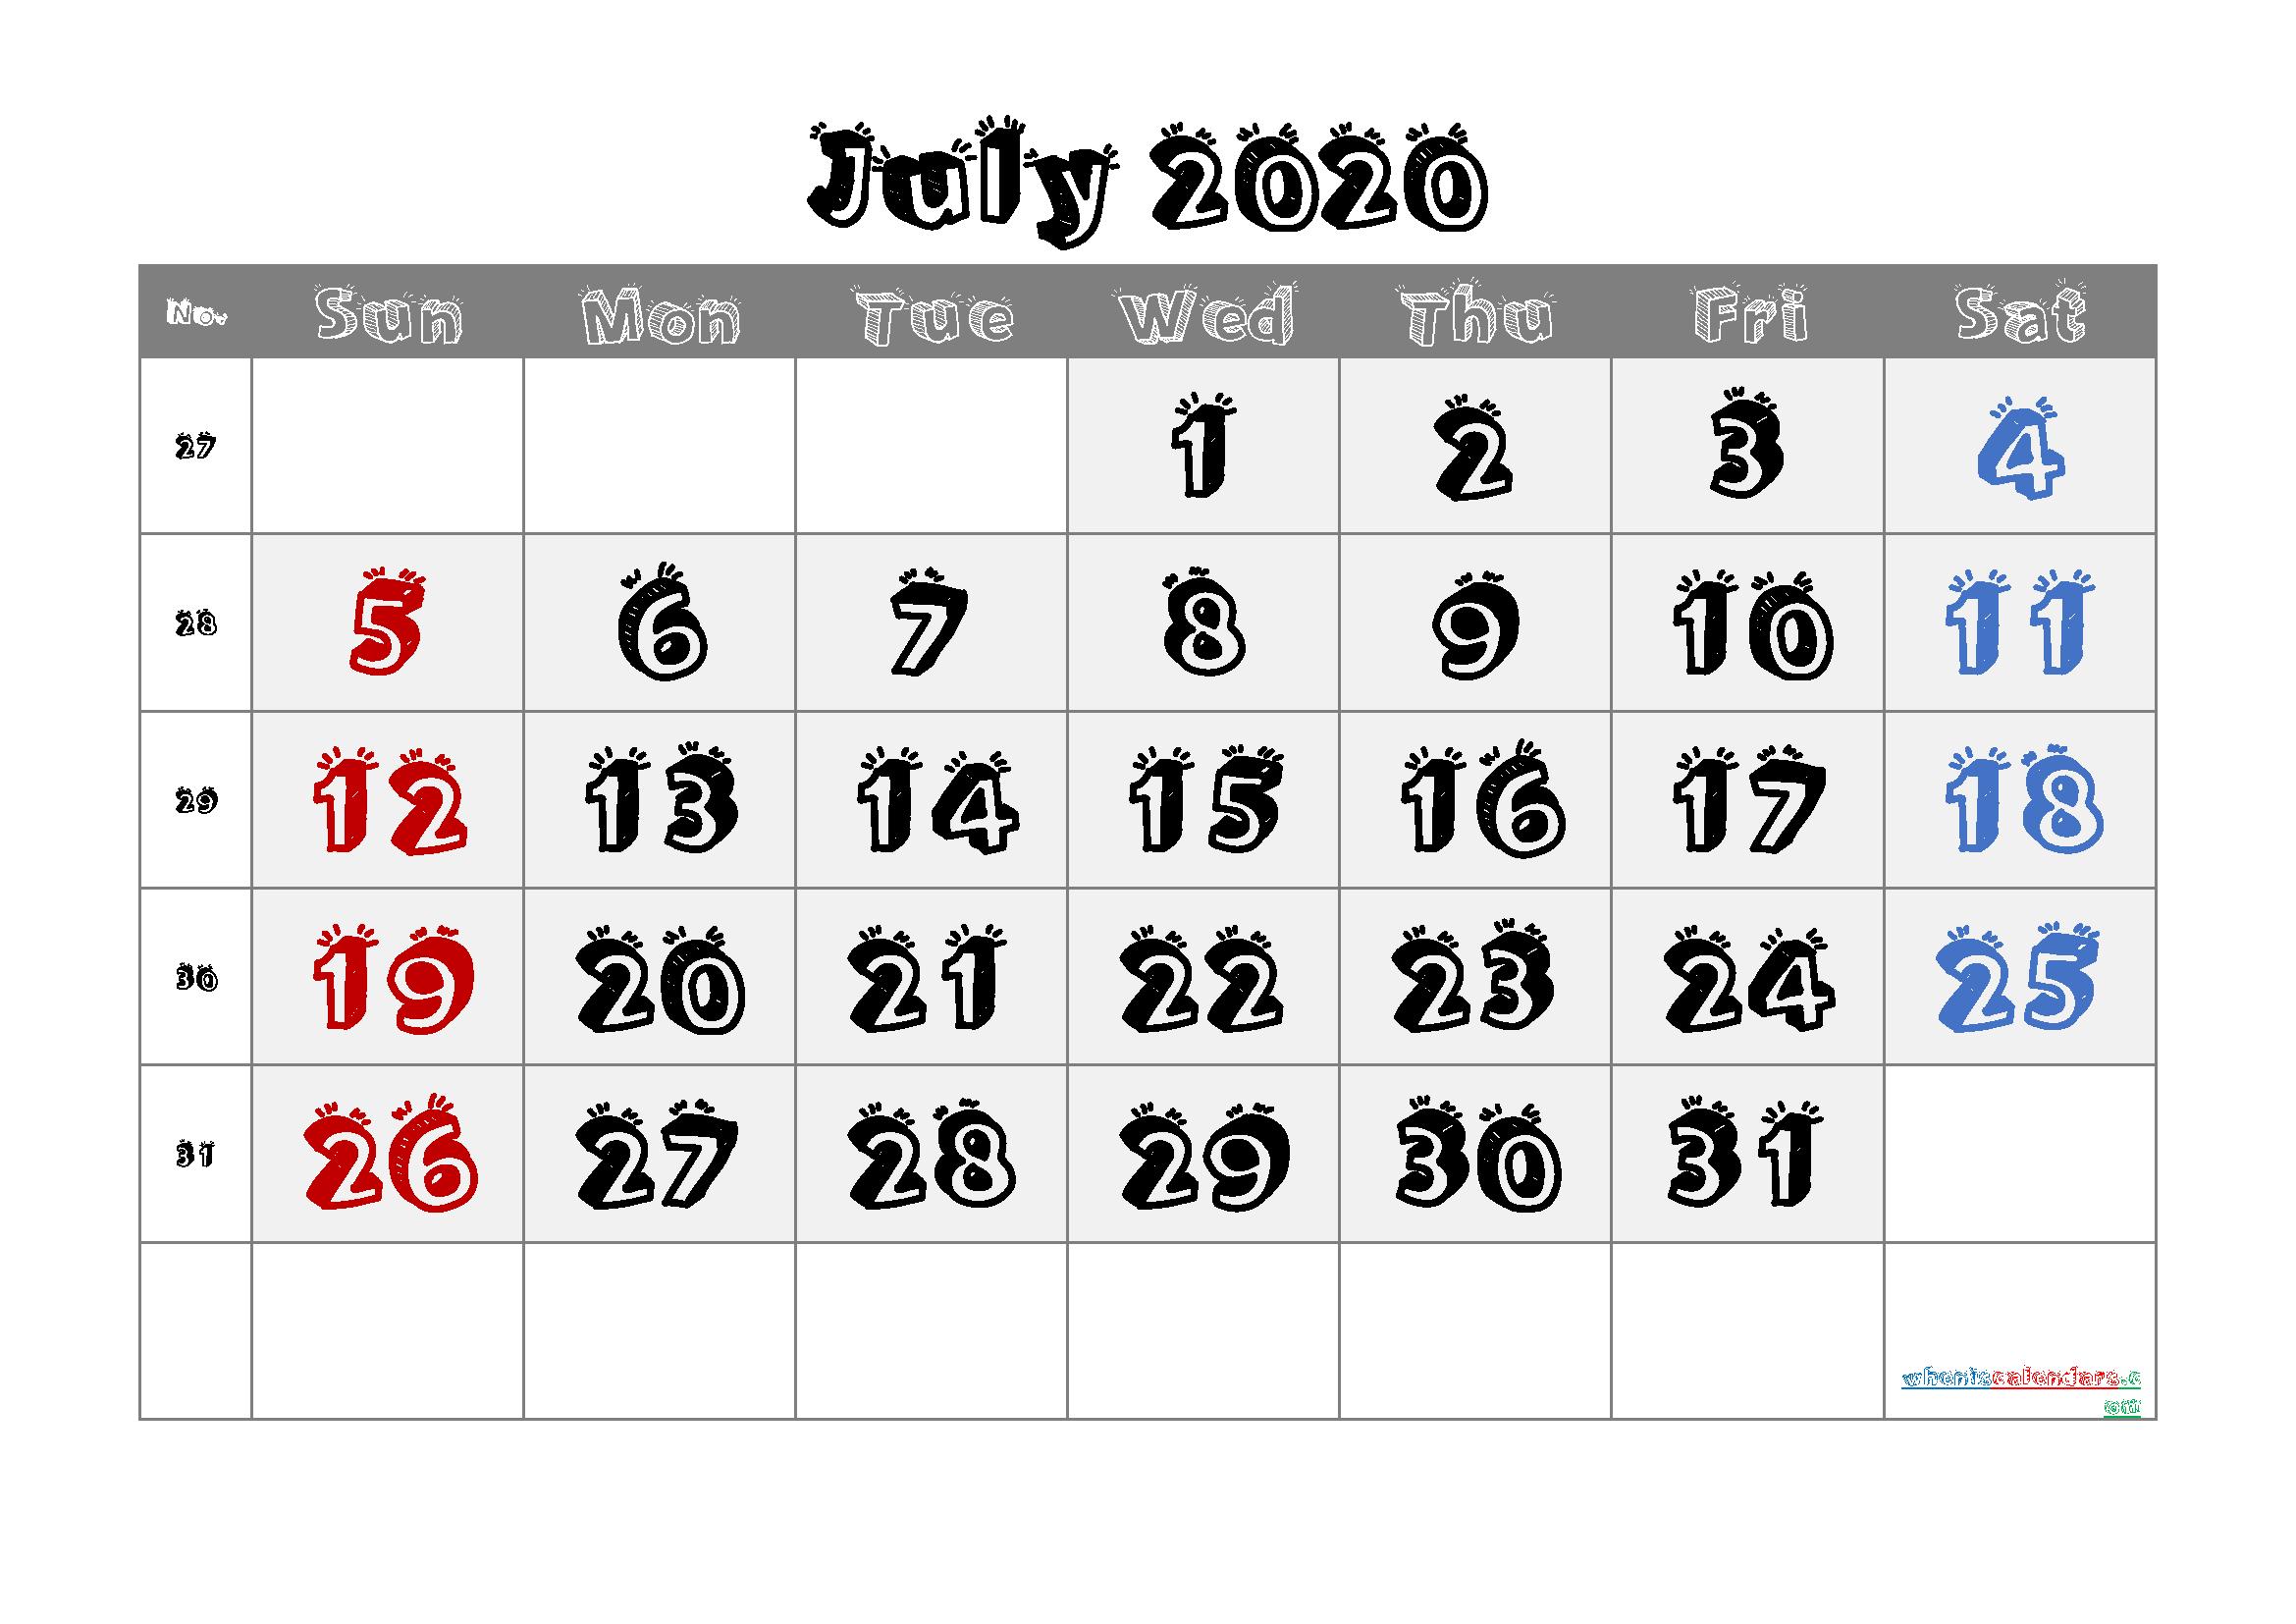 July 2020 Printable Calendar with Week Numbers